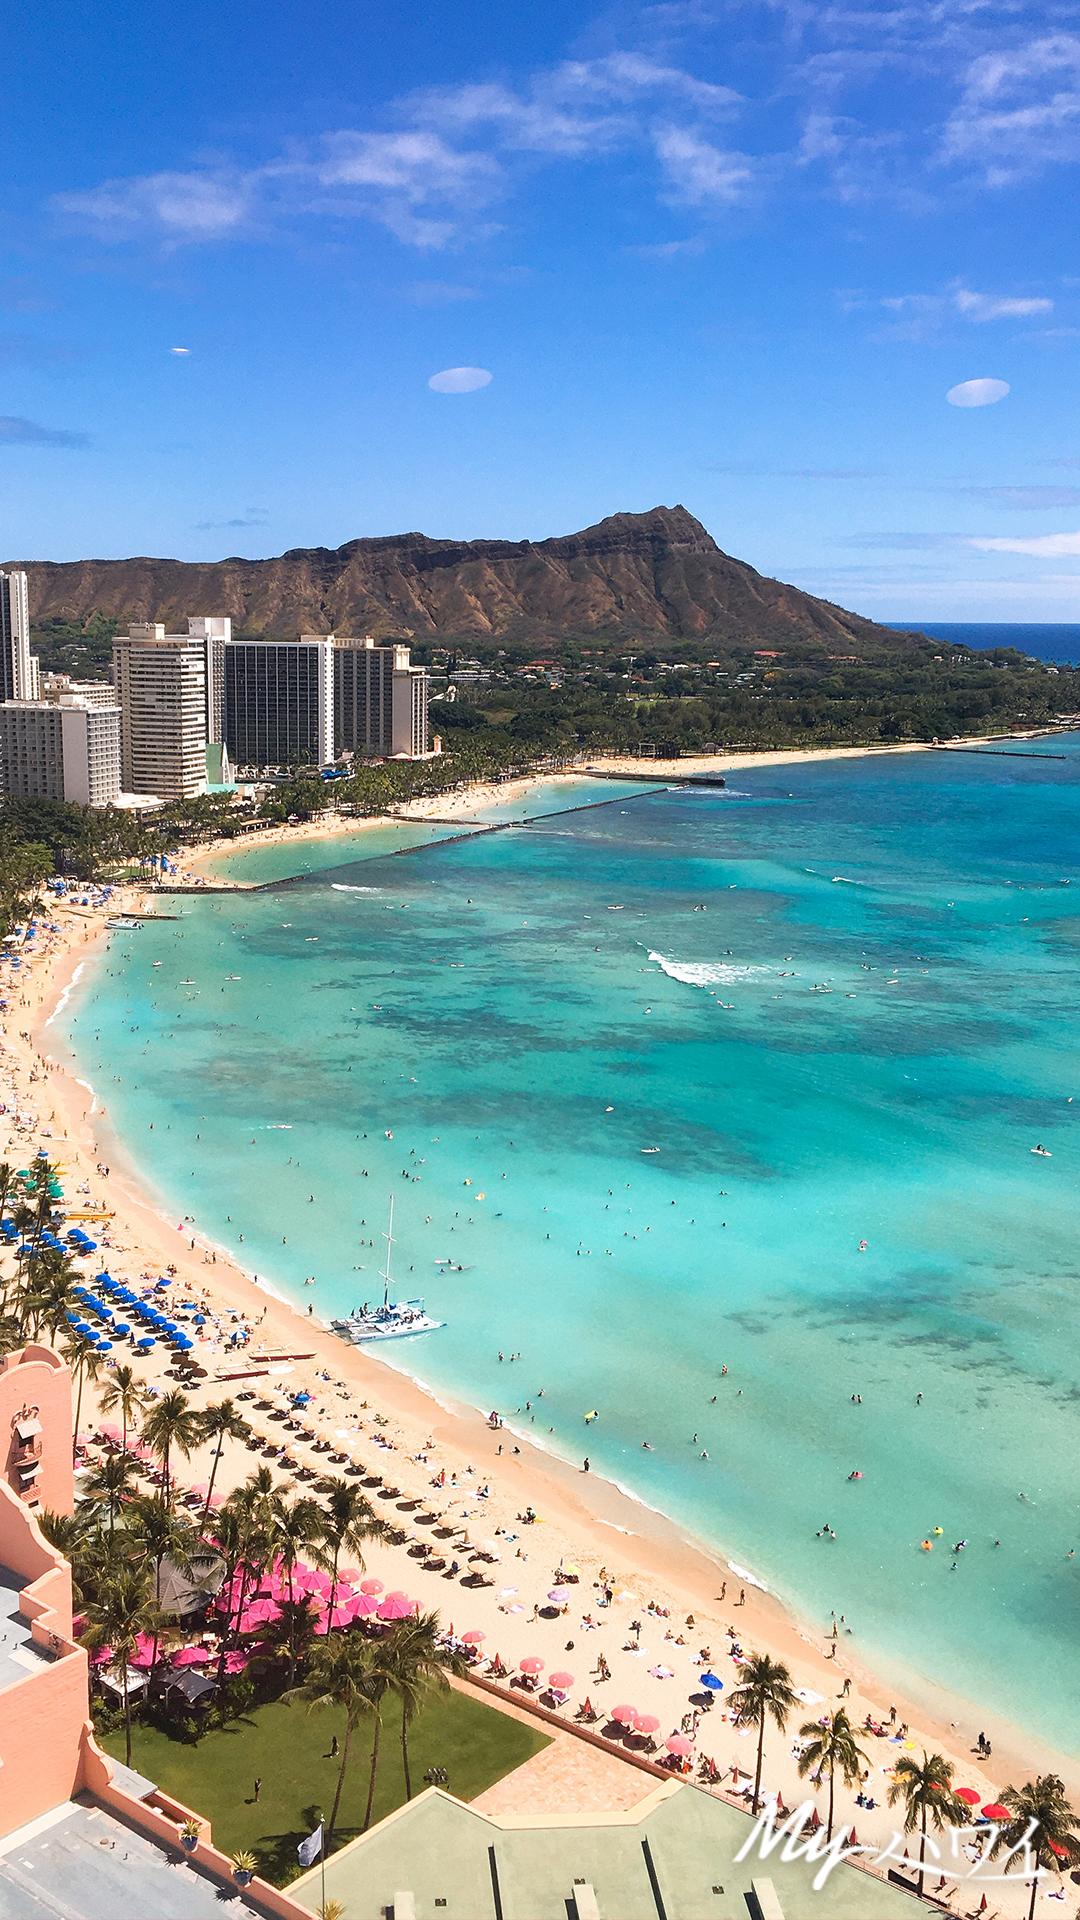 ハワイの美しい海やサンセット写真を携帯の待受けに